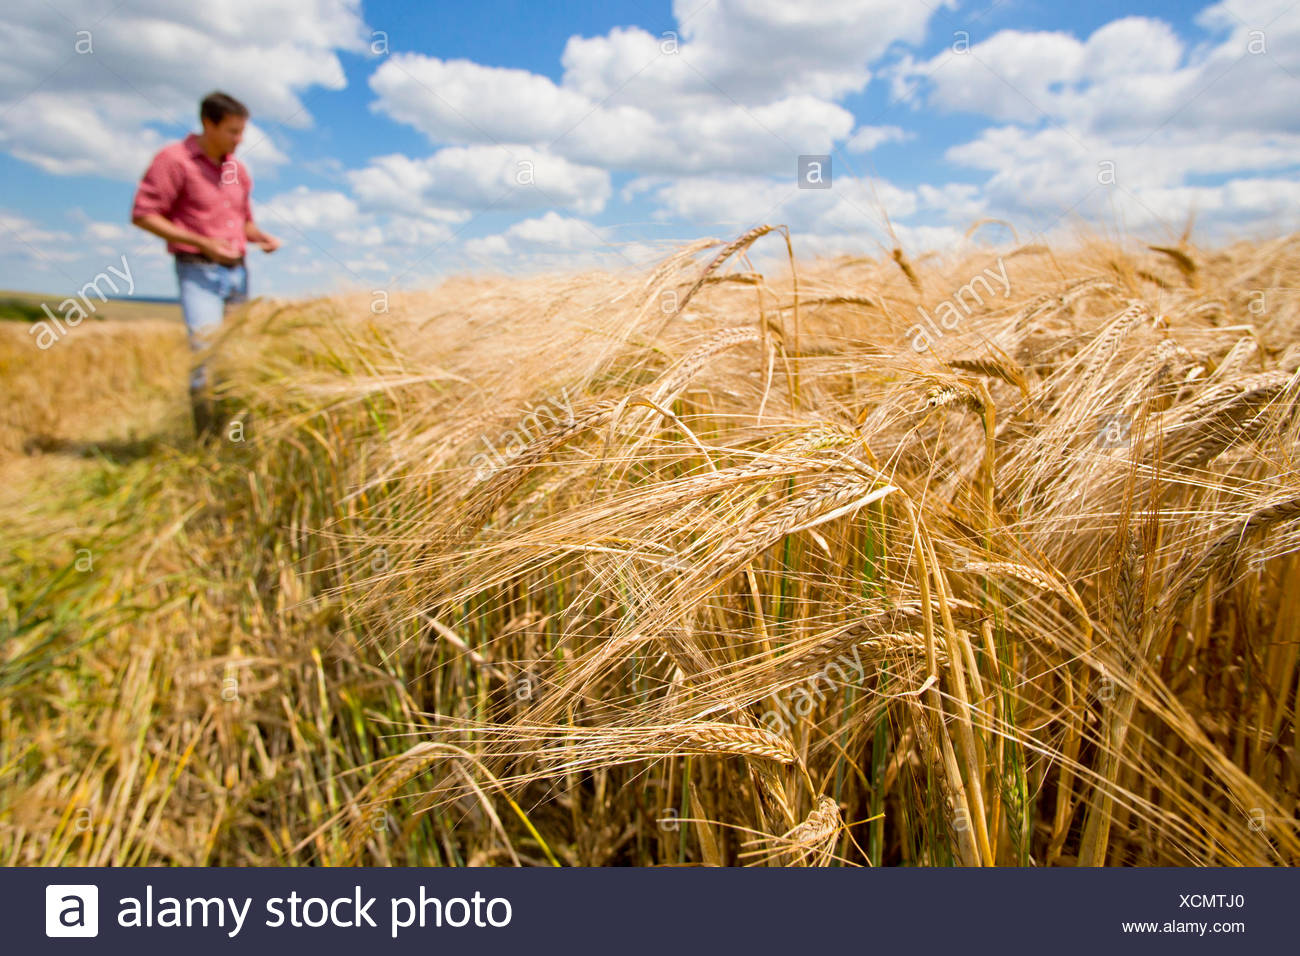 Sunny rural raccolto di orzo campo in estate con il contadino in background Immagini Stock